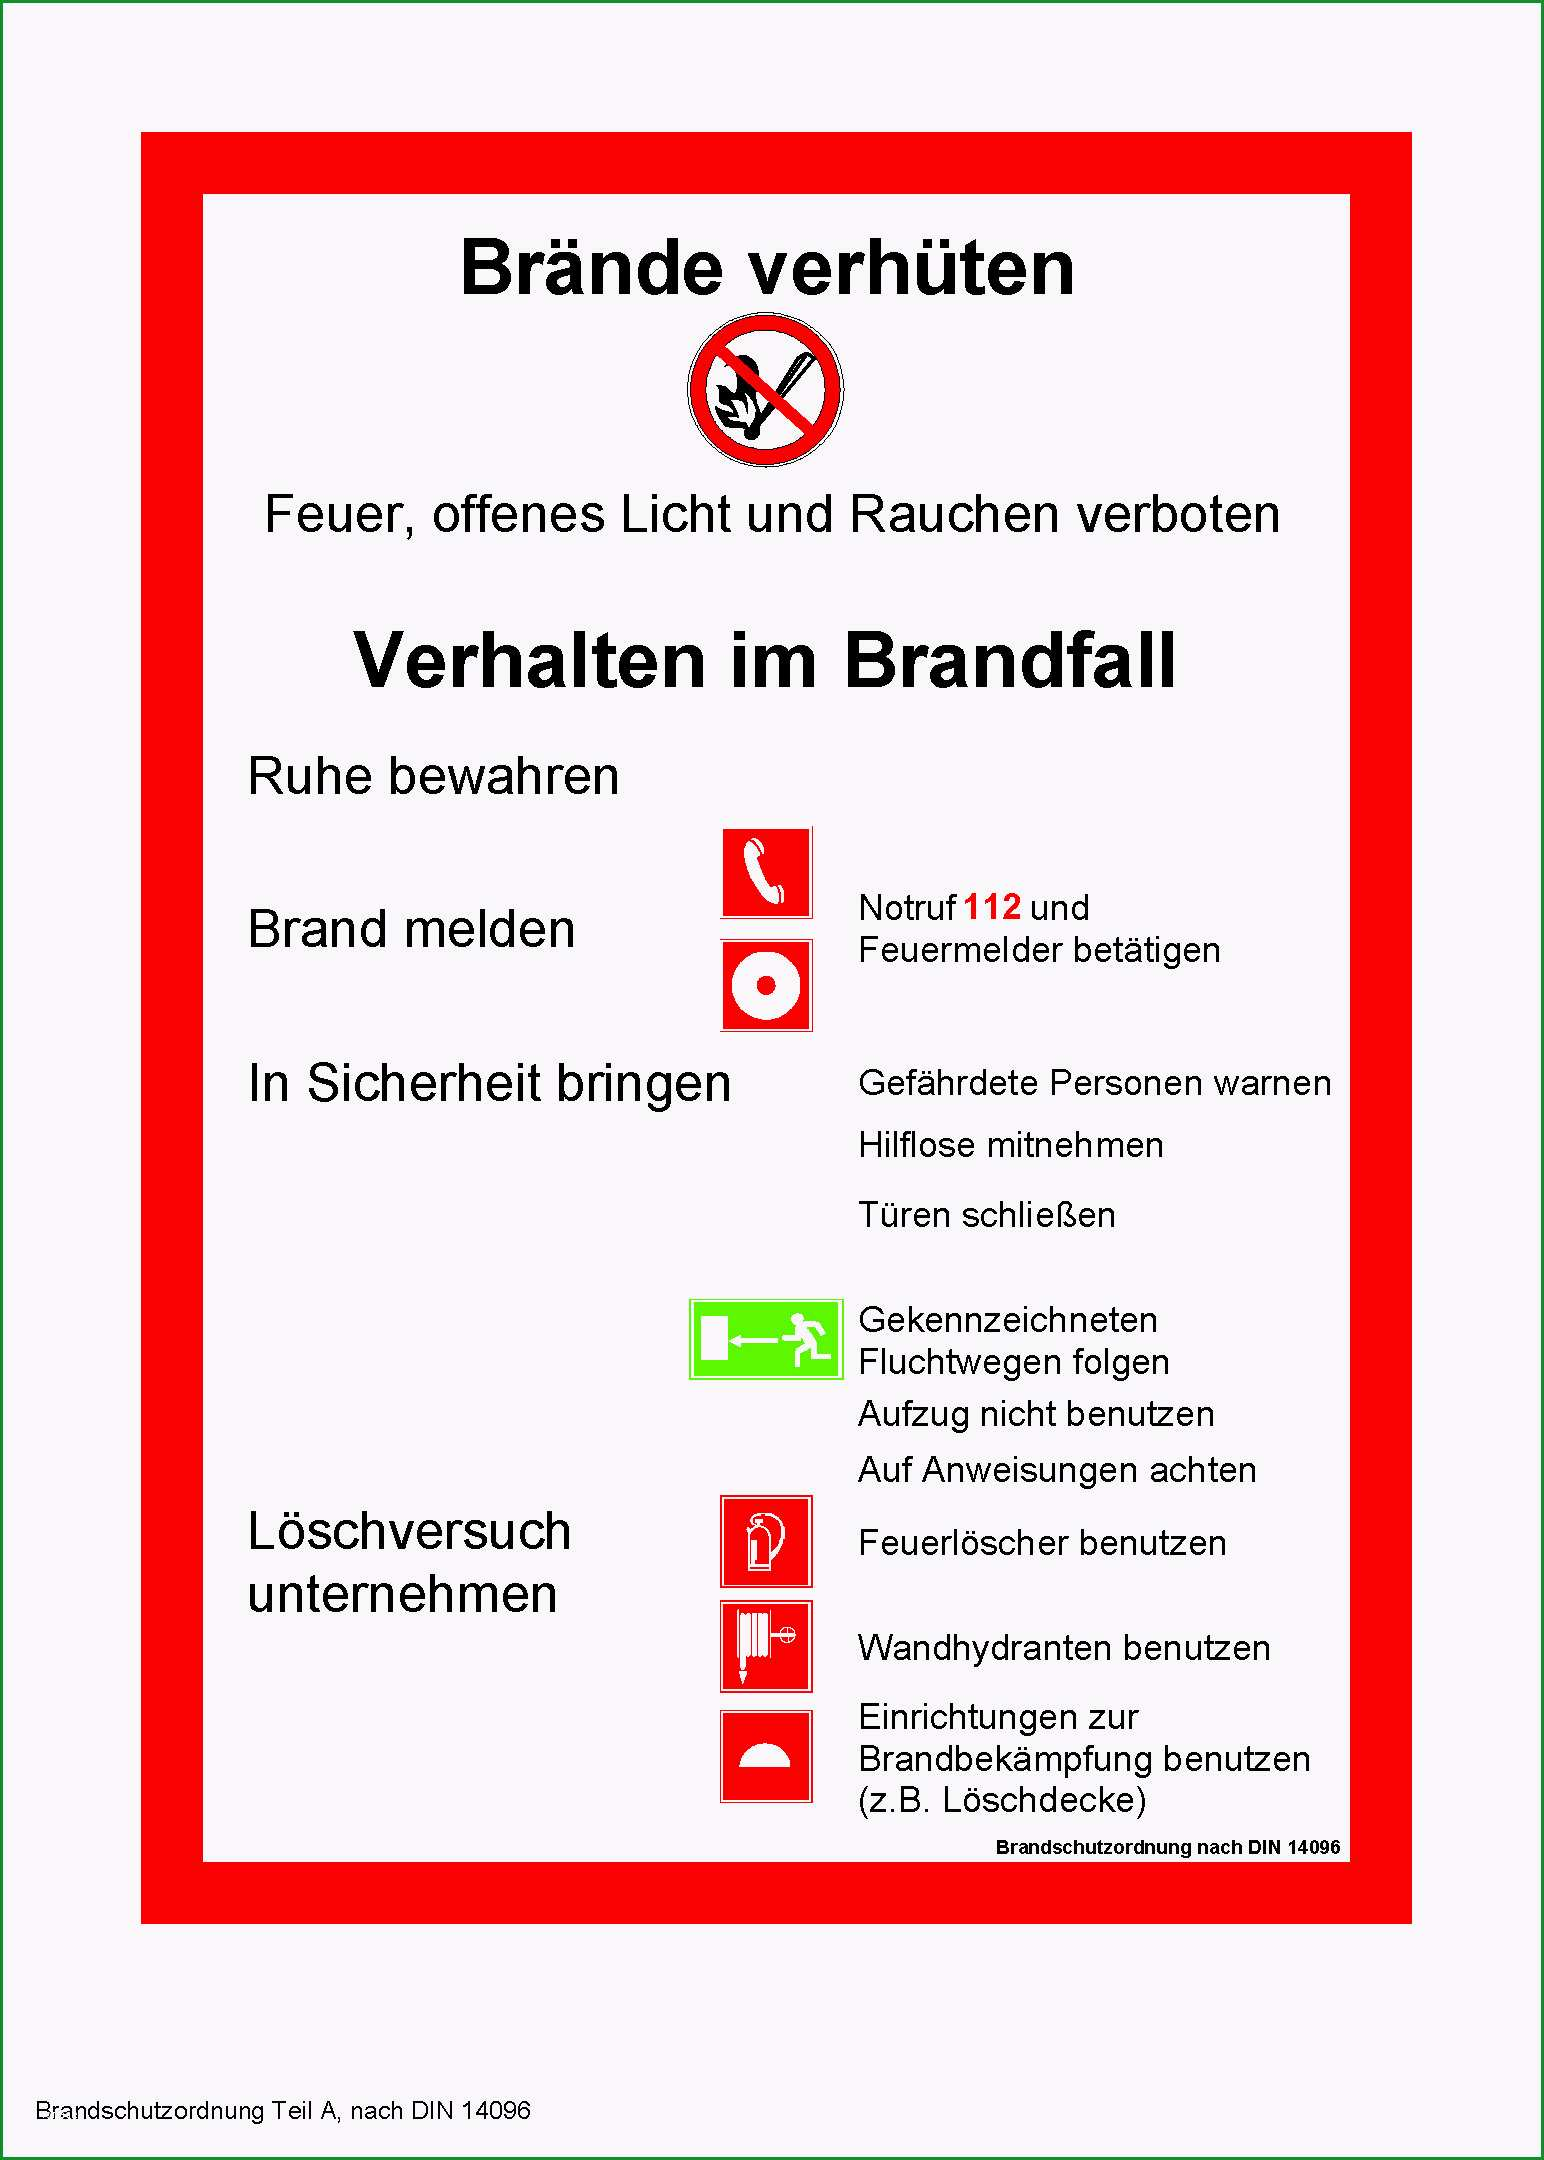 pin aushang brandschutzordnung teil a gratis vorlage on 2